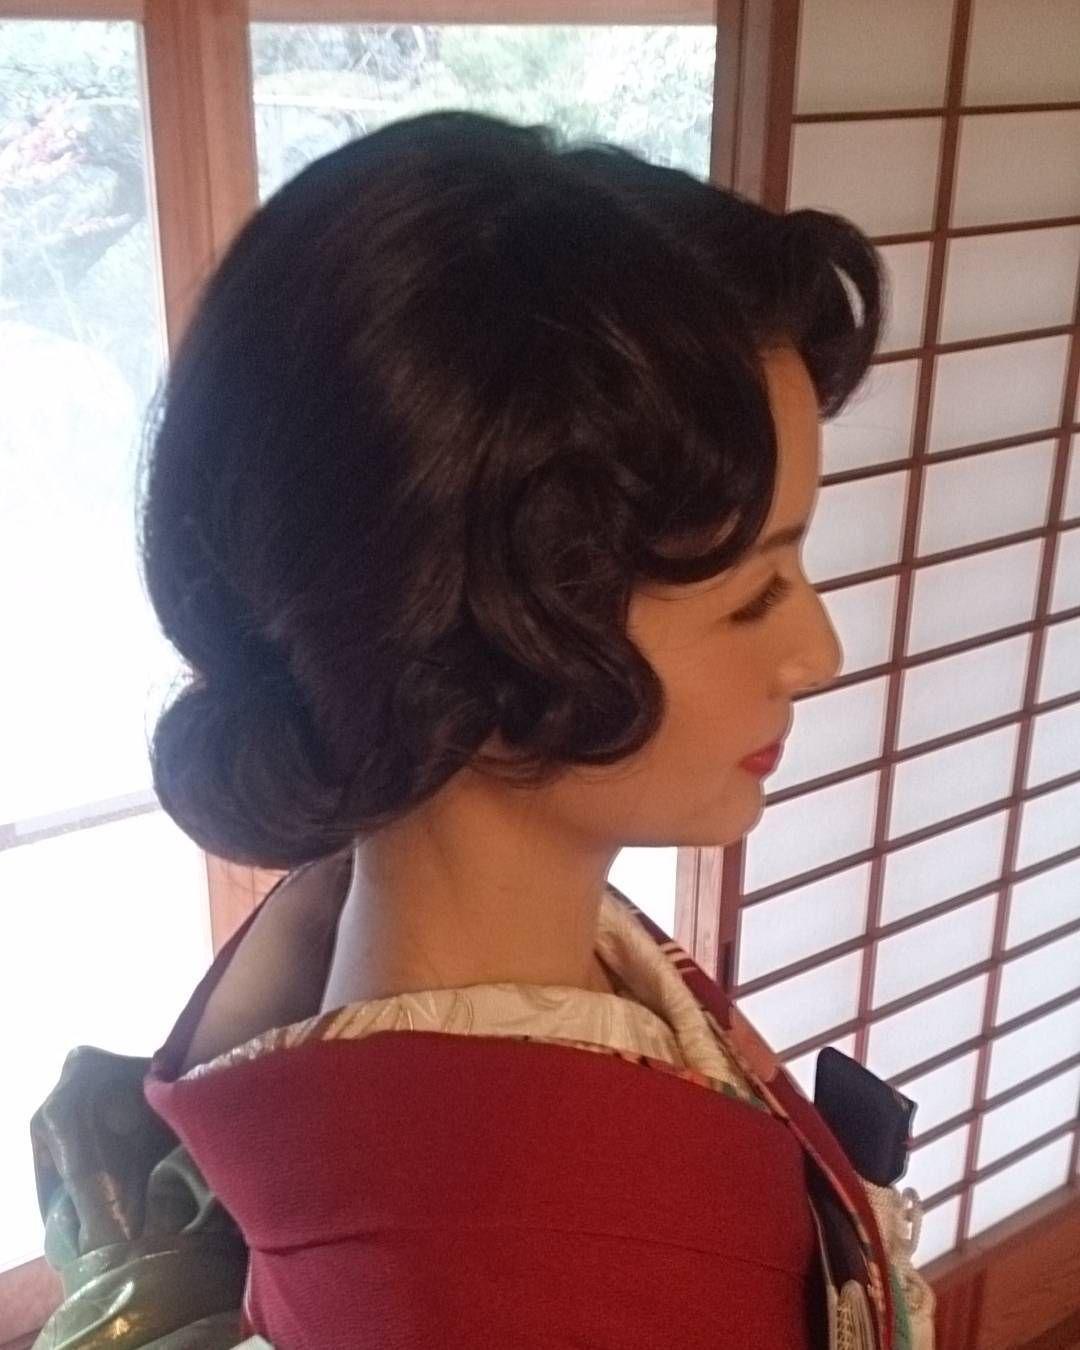 Kumiさんはinstagramを利用しています 引振袖で 大正ロマンな花嫁様